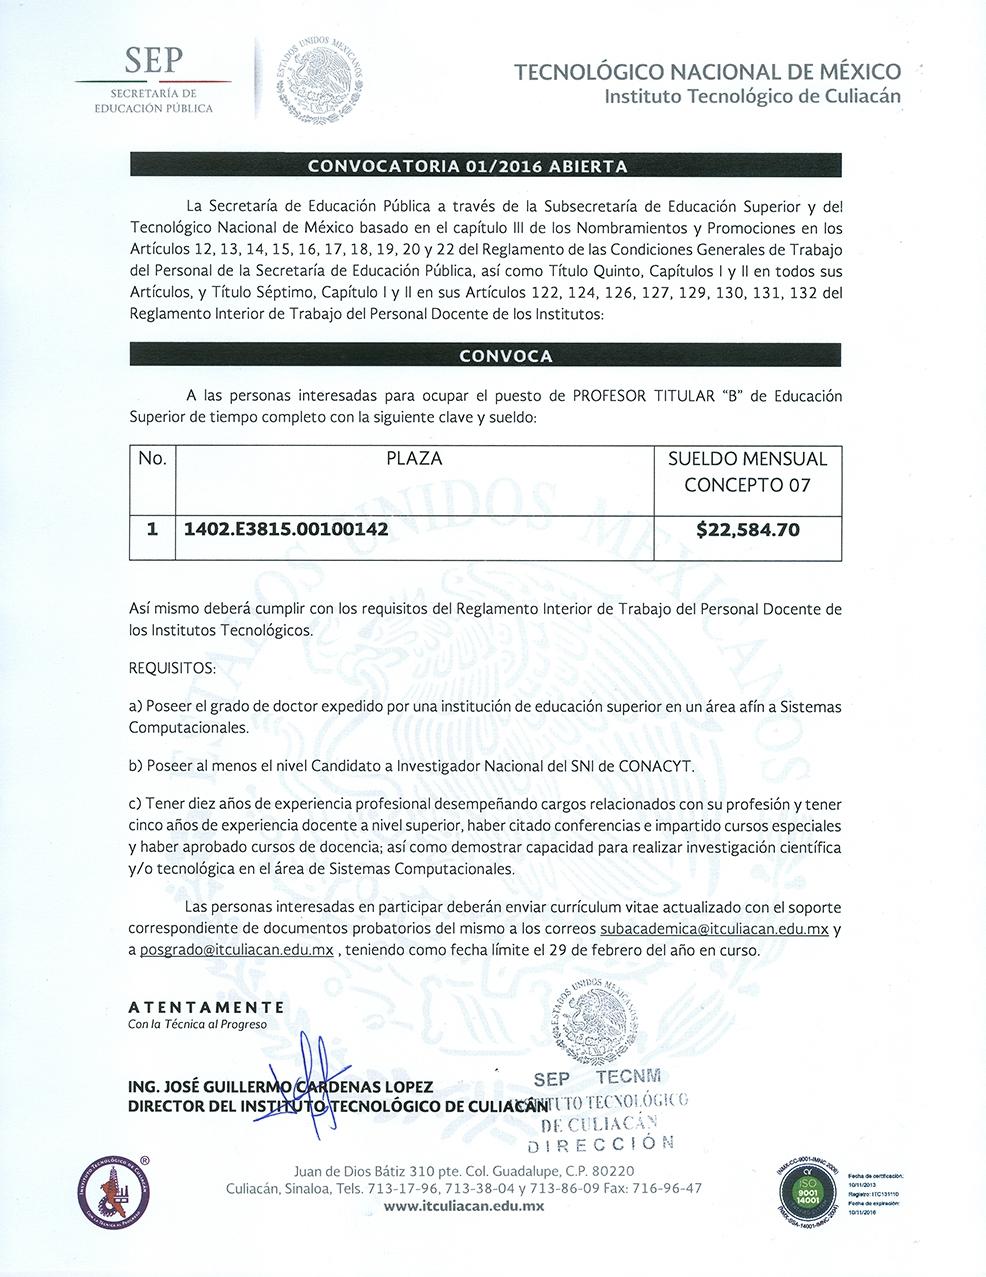 Instituto tecnol gico de culiac n participa en la Convocatoria para las plazas docentes 2016